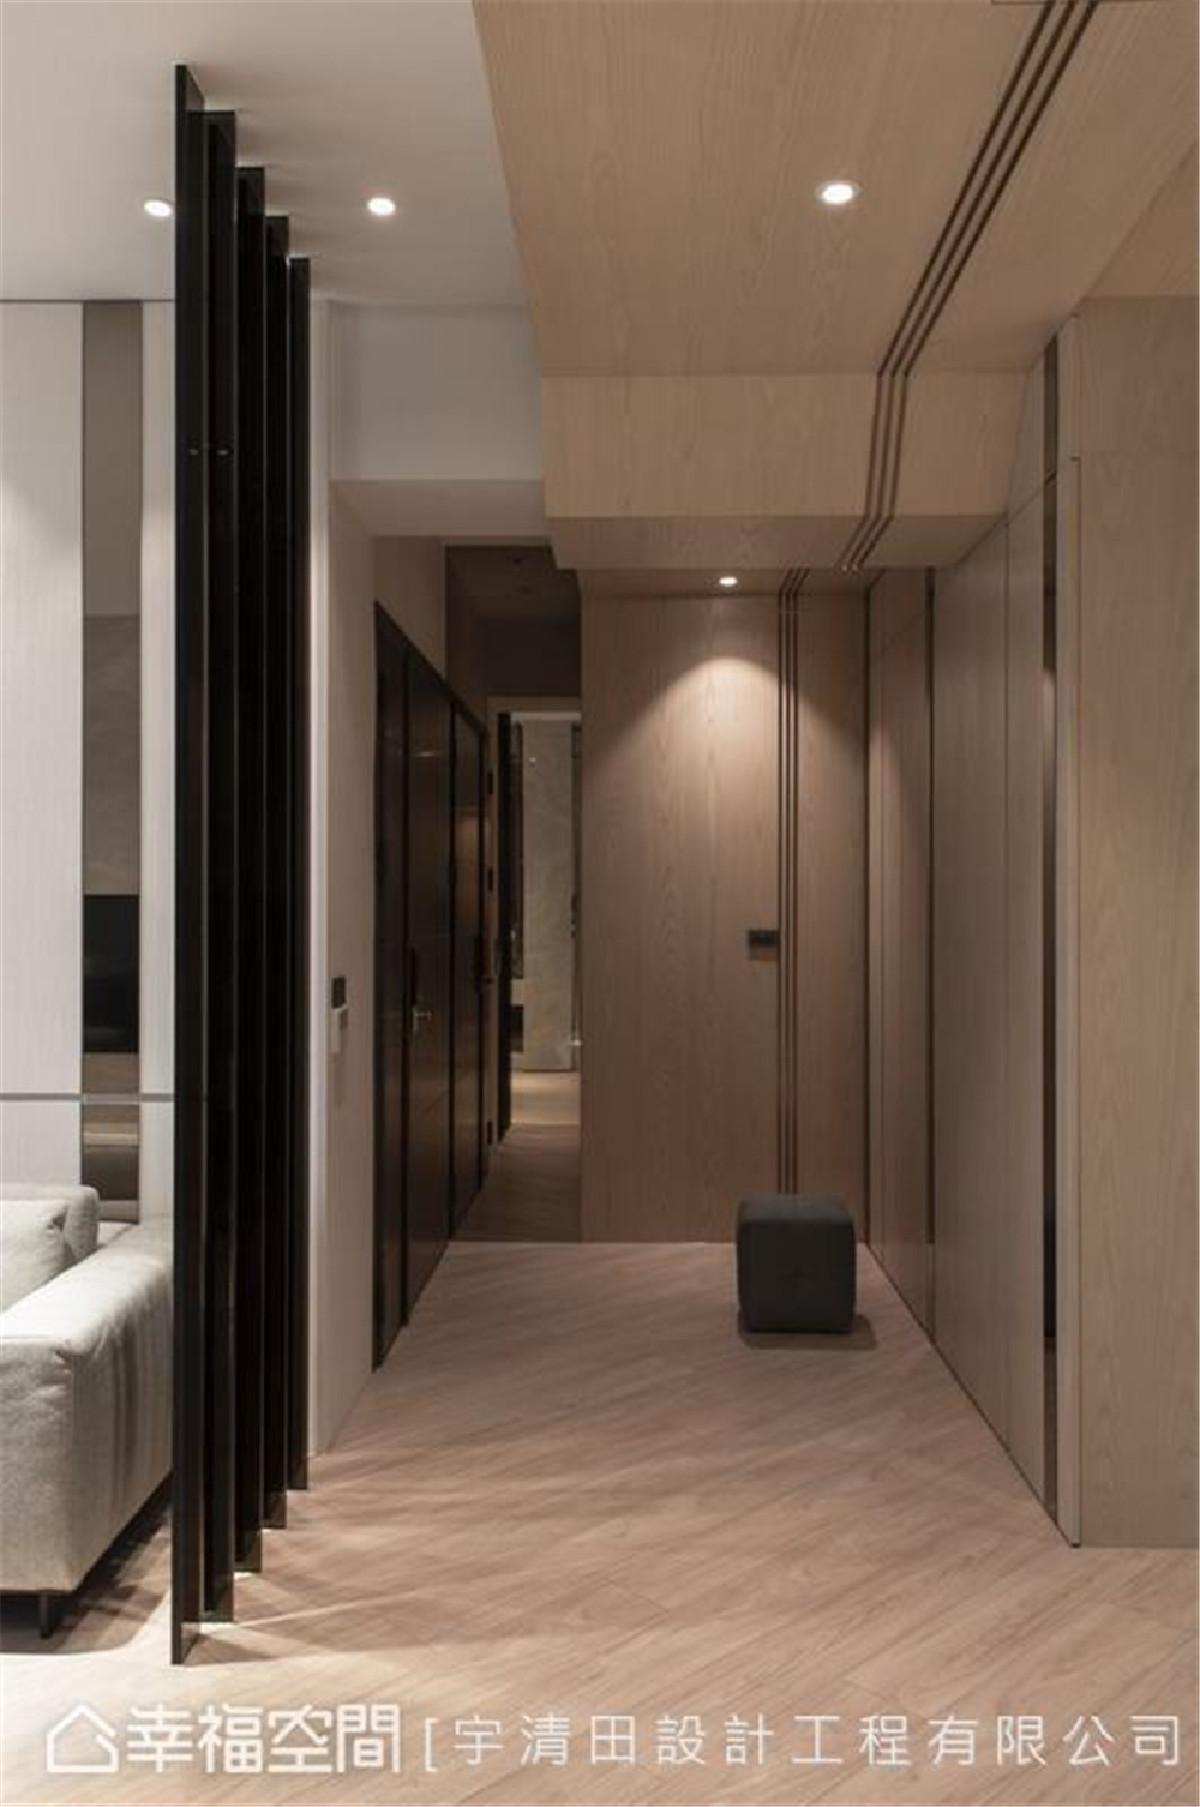 视感延伸 玄关收纳与墙体整合,打造简约俐落立面。运用木皮、金属饰条由壁面延展至天花,再落于对向通往私领域过道的端景墙,微妙引导入内的视觉及动线。